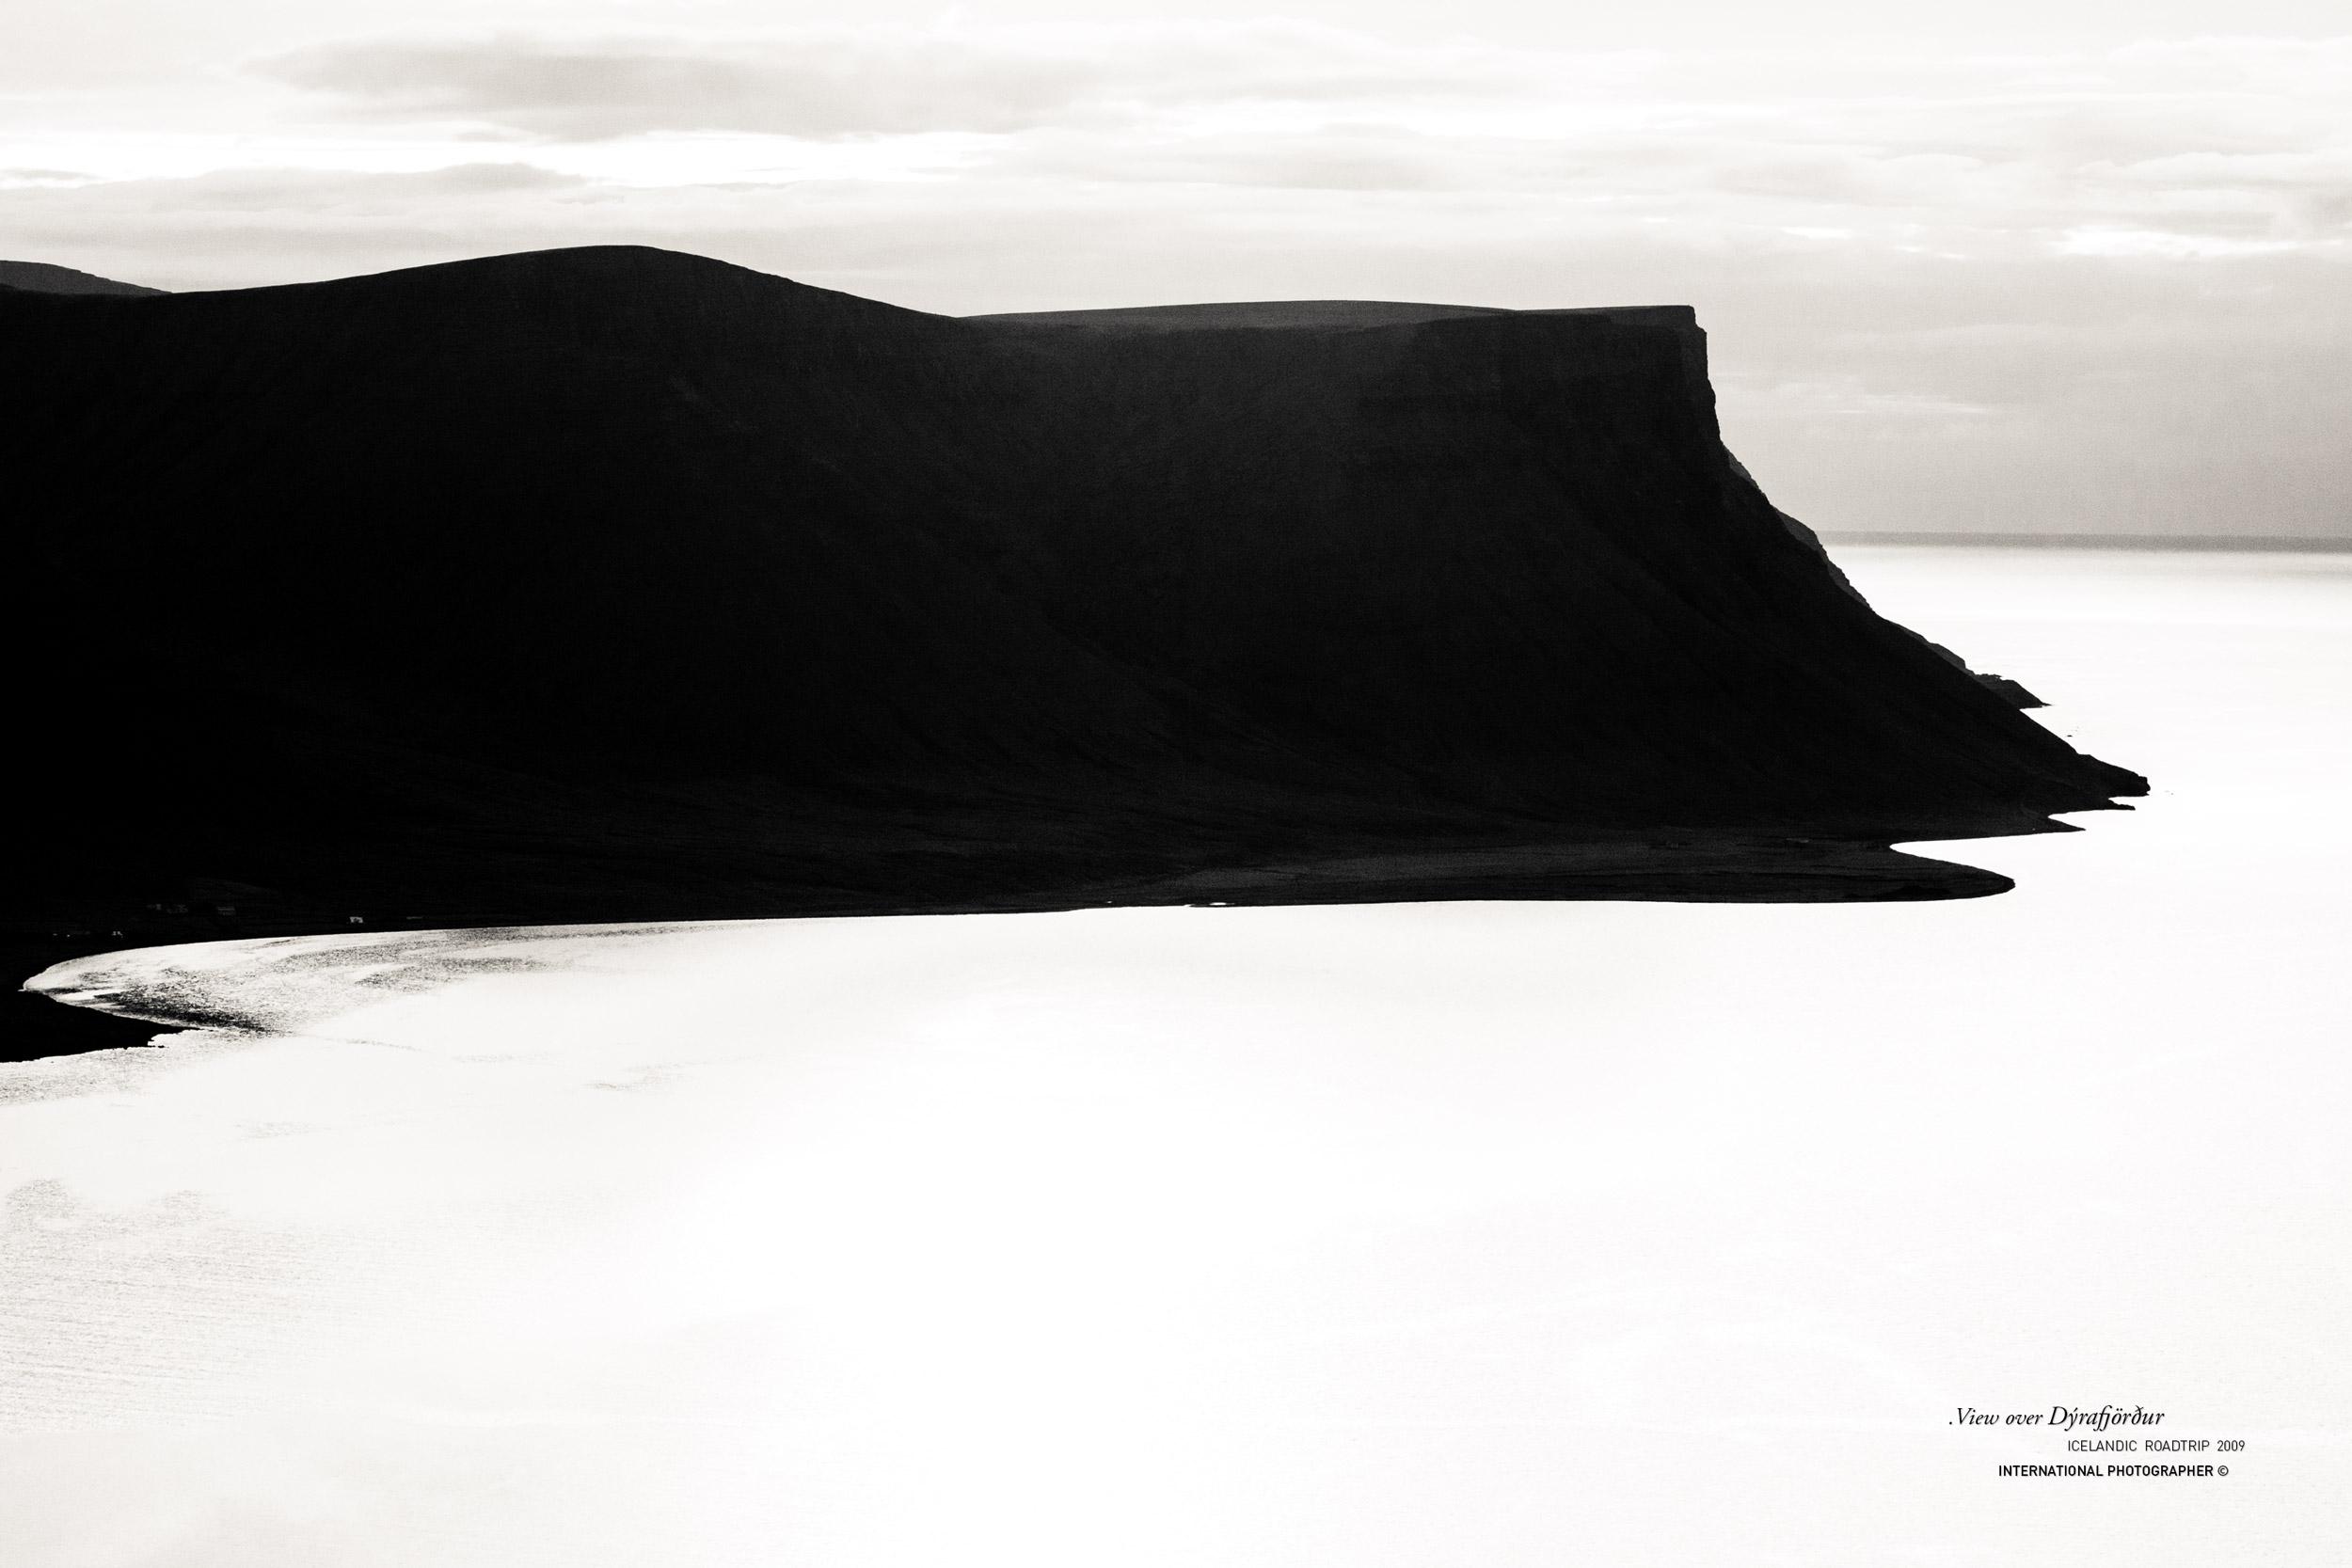 Montagne tabulaire à contre-jour dans le Dyrafjordur